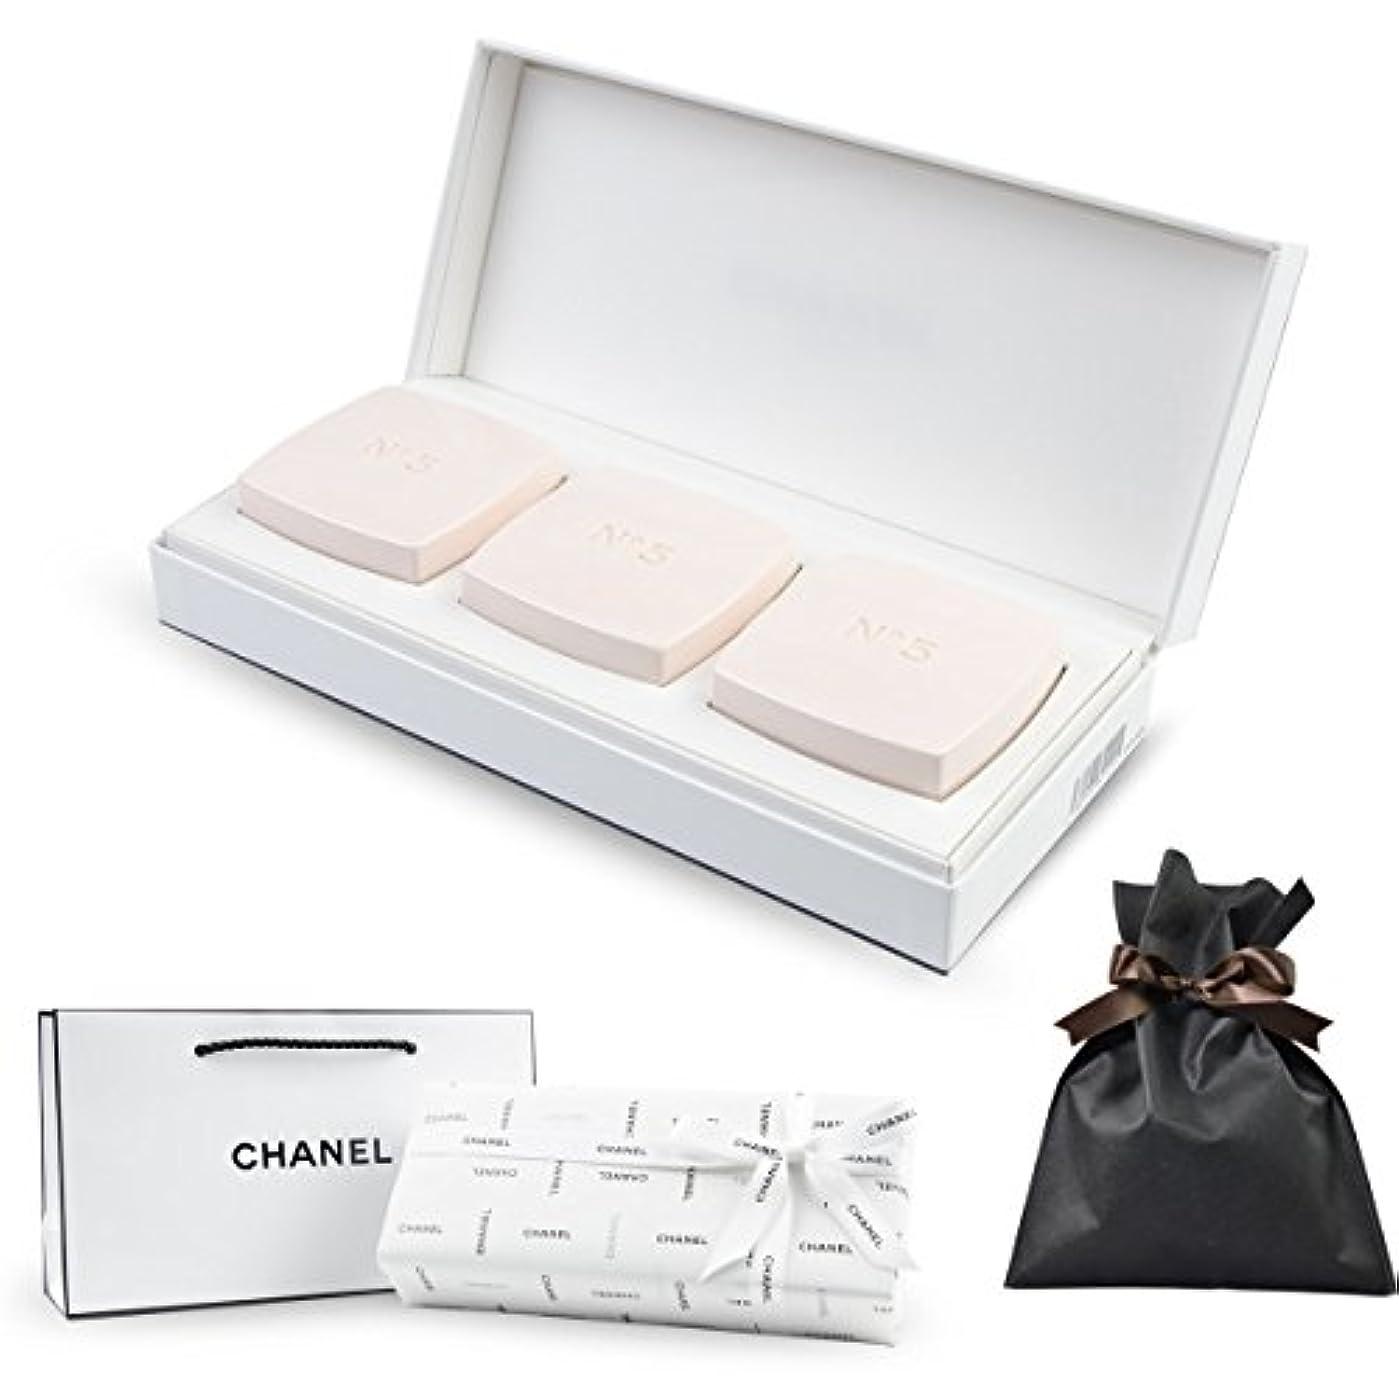 確執送信するどういたしまして[セット品] ギフトラッピング済 CHANEL シャネル 国内正規品 N°5 サヴォン ギフトコレクション 石鹸 3個セット シャネルショップバッグ付 ボディソープ